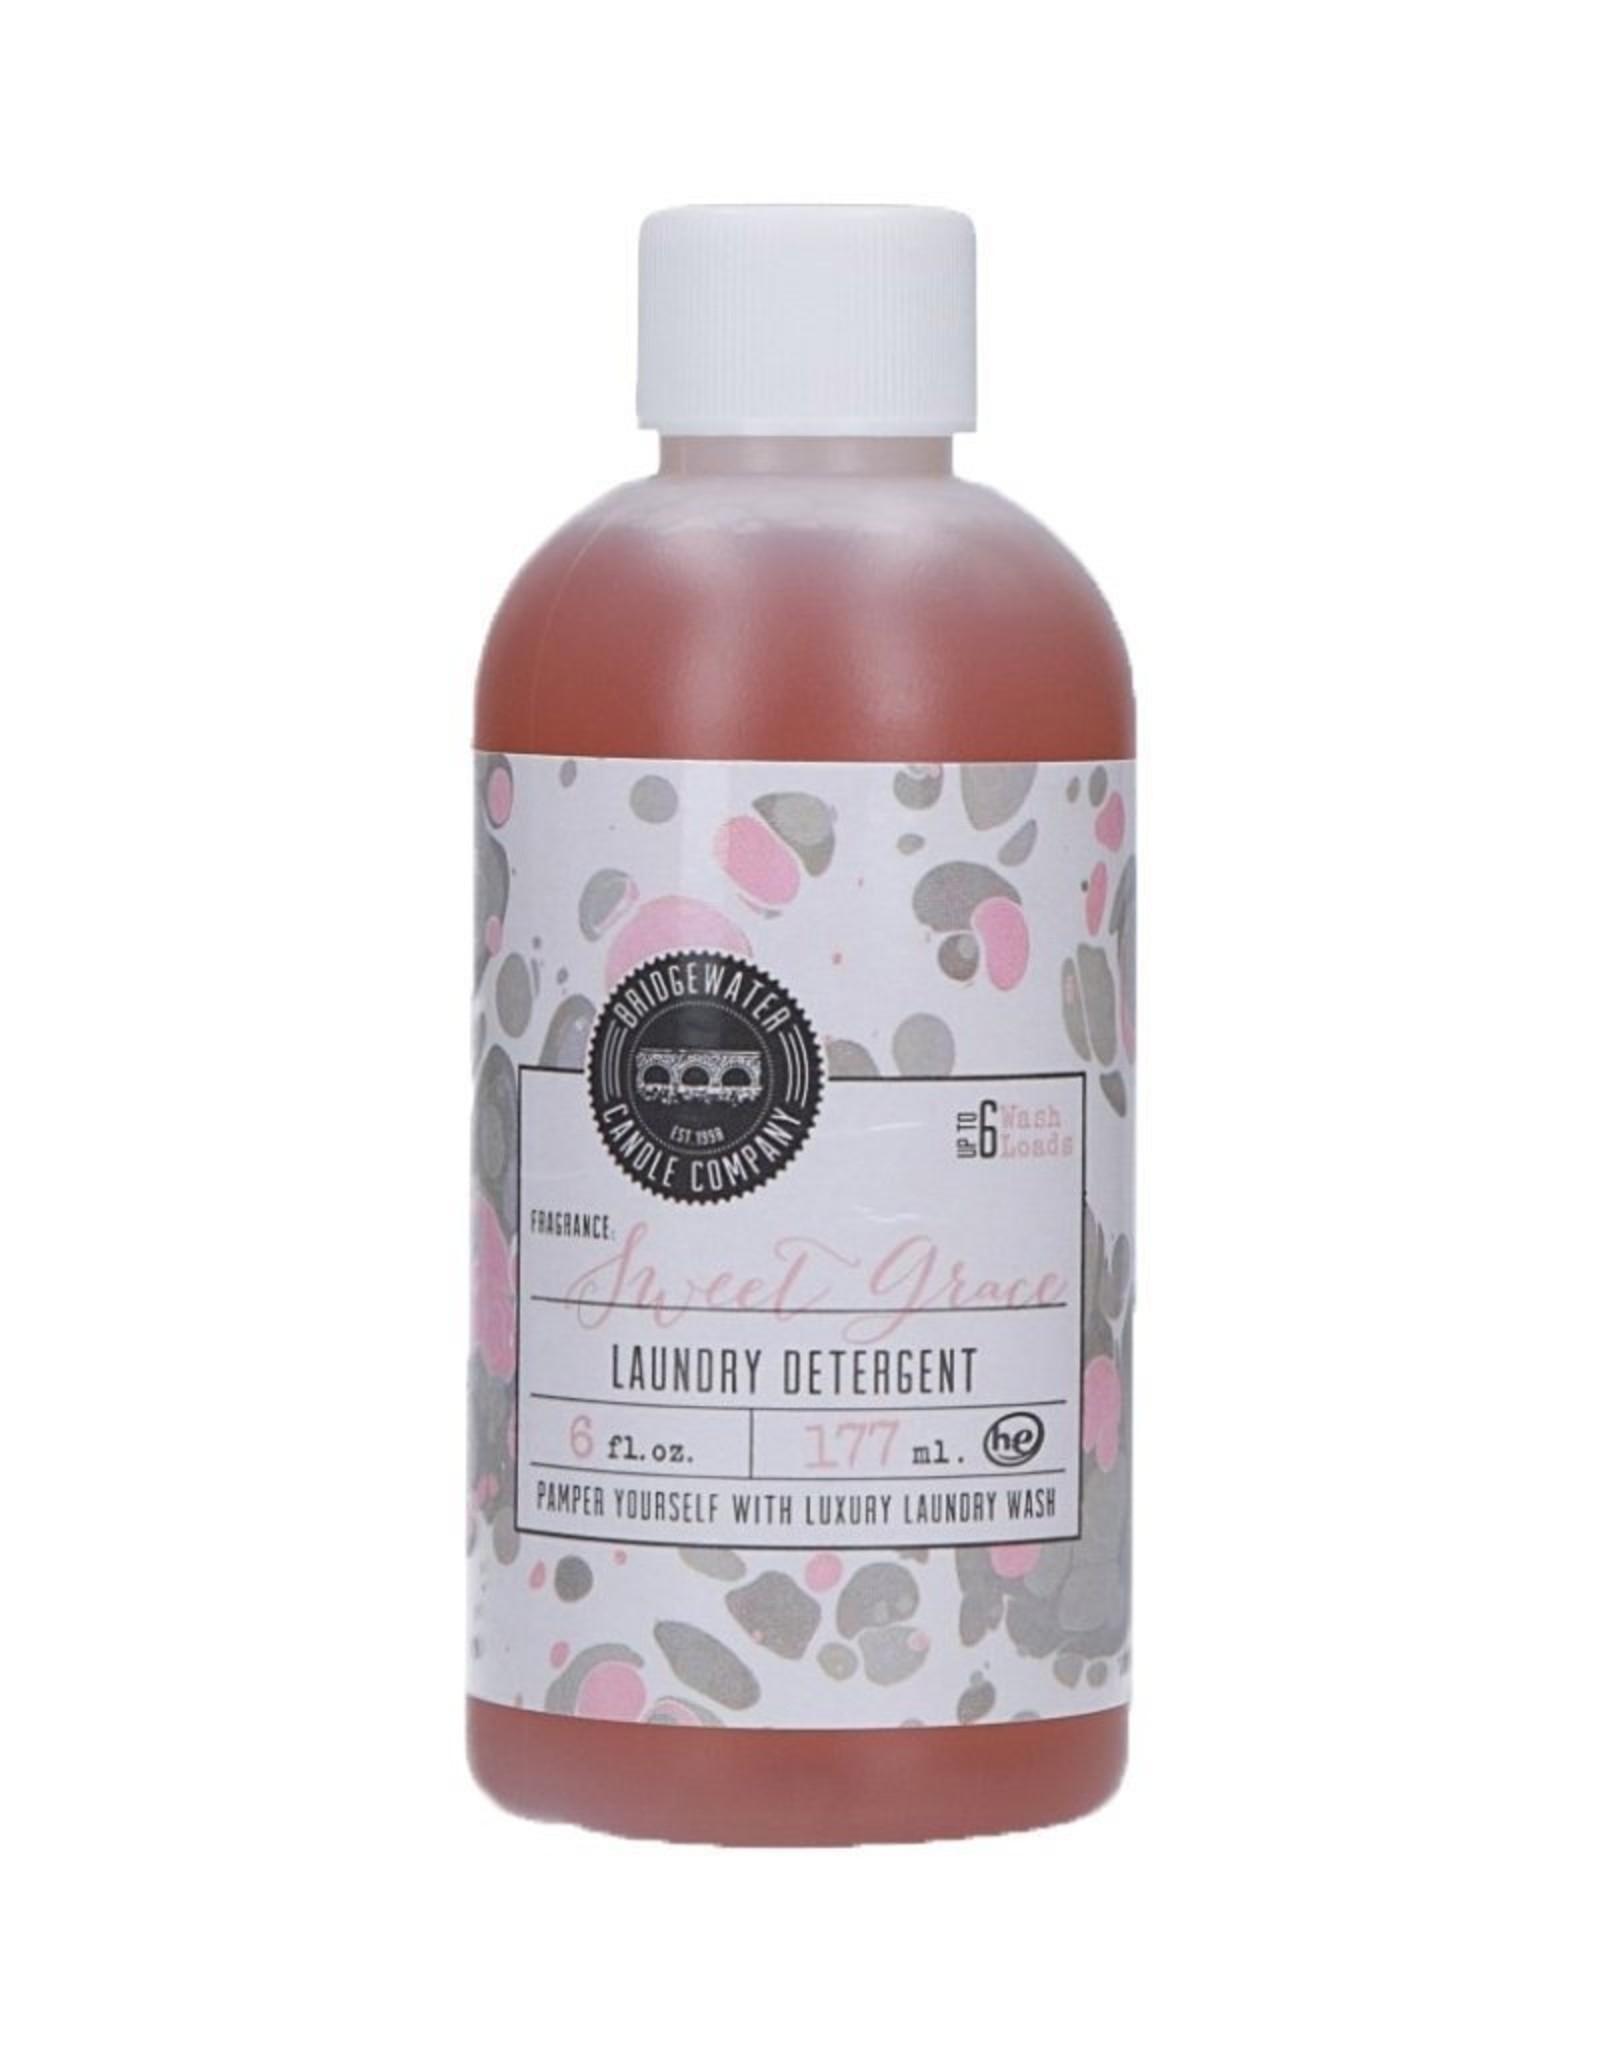 Sweet Grace Laundry Detergent 6 oz